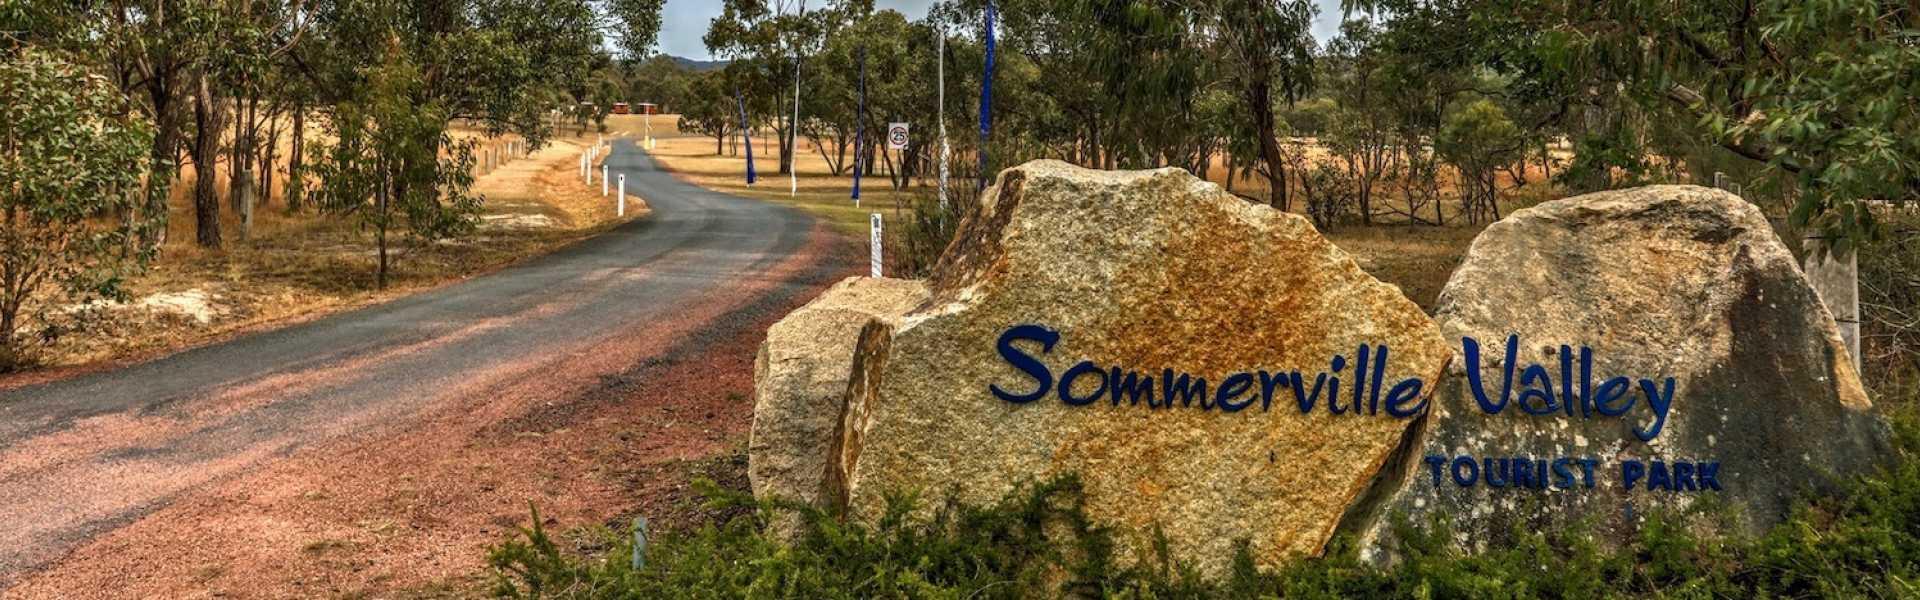 Kui Parks, Sommerville Valley Tourist Park, Stanthorpe, Entrance